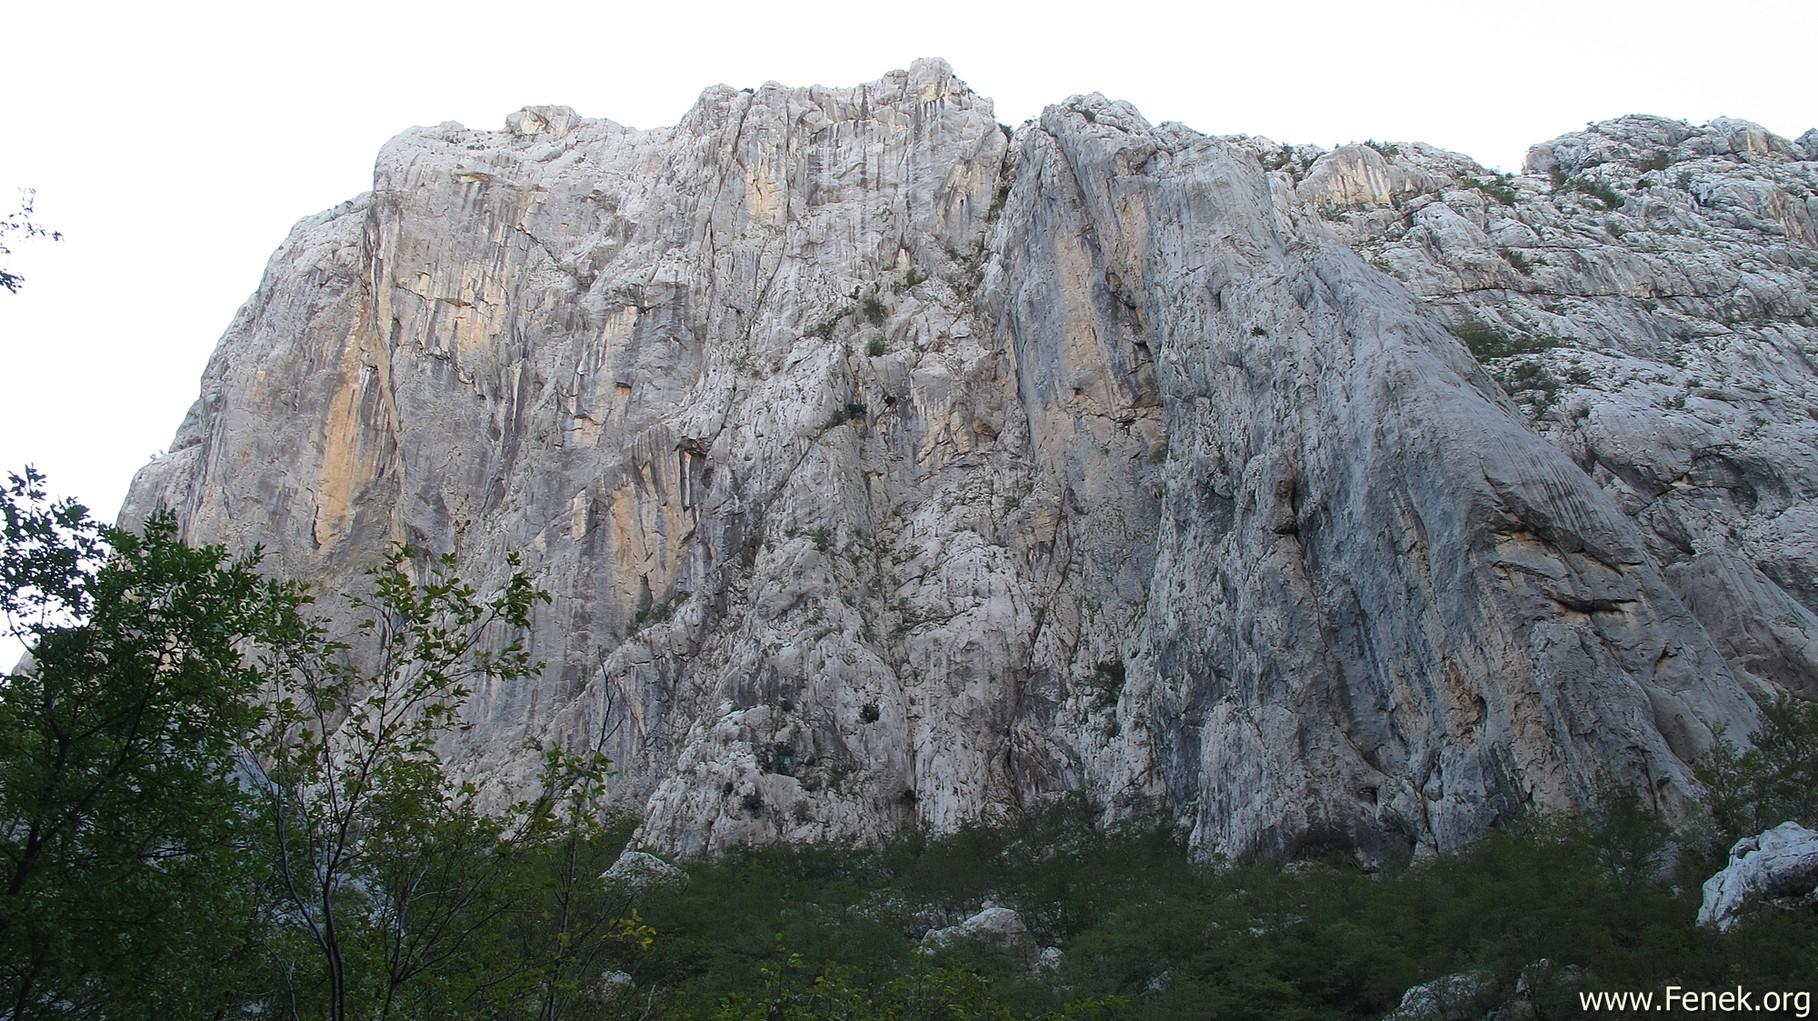 da schlagen Kletterherzen höher - Nordwand Anica Kuk